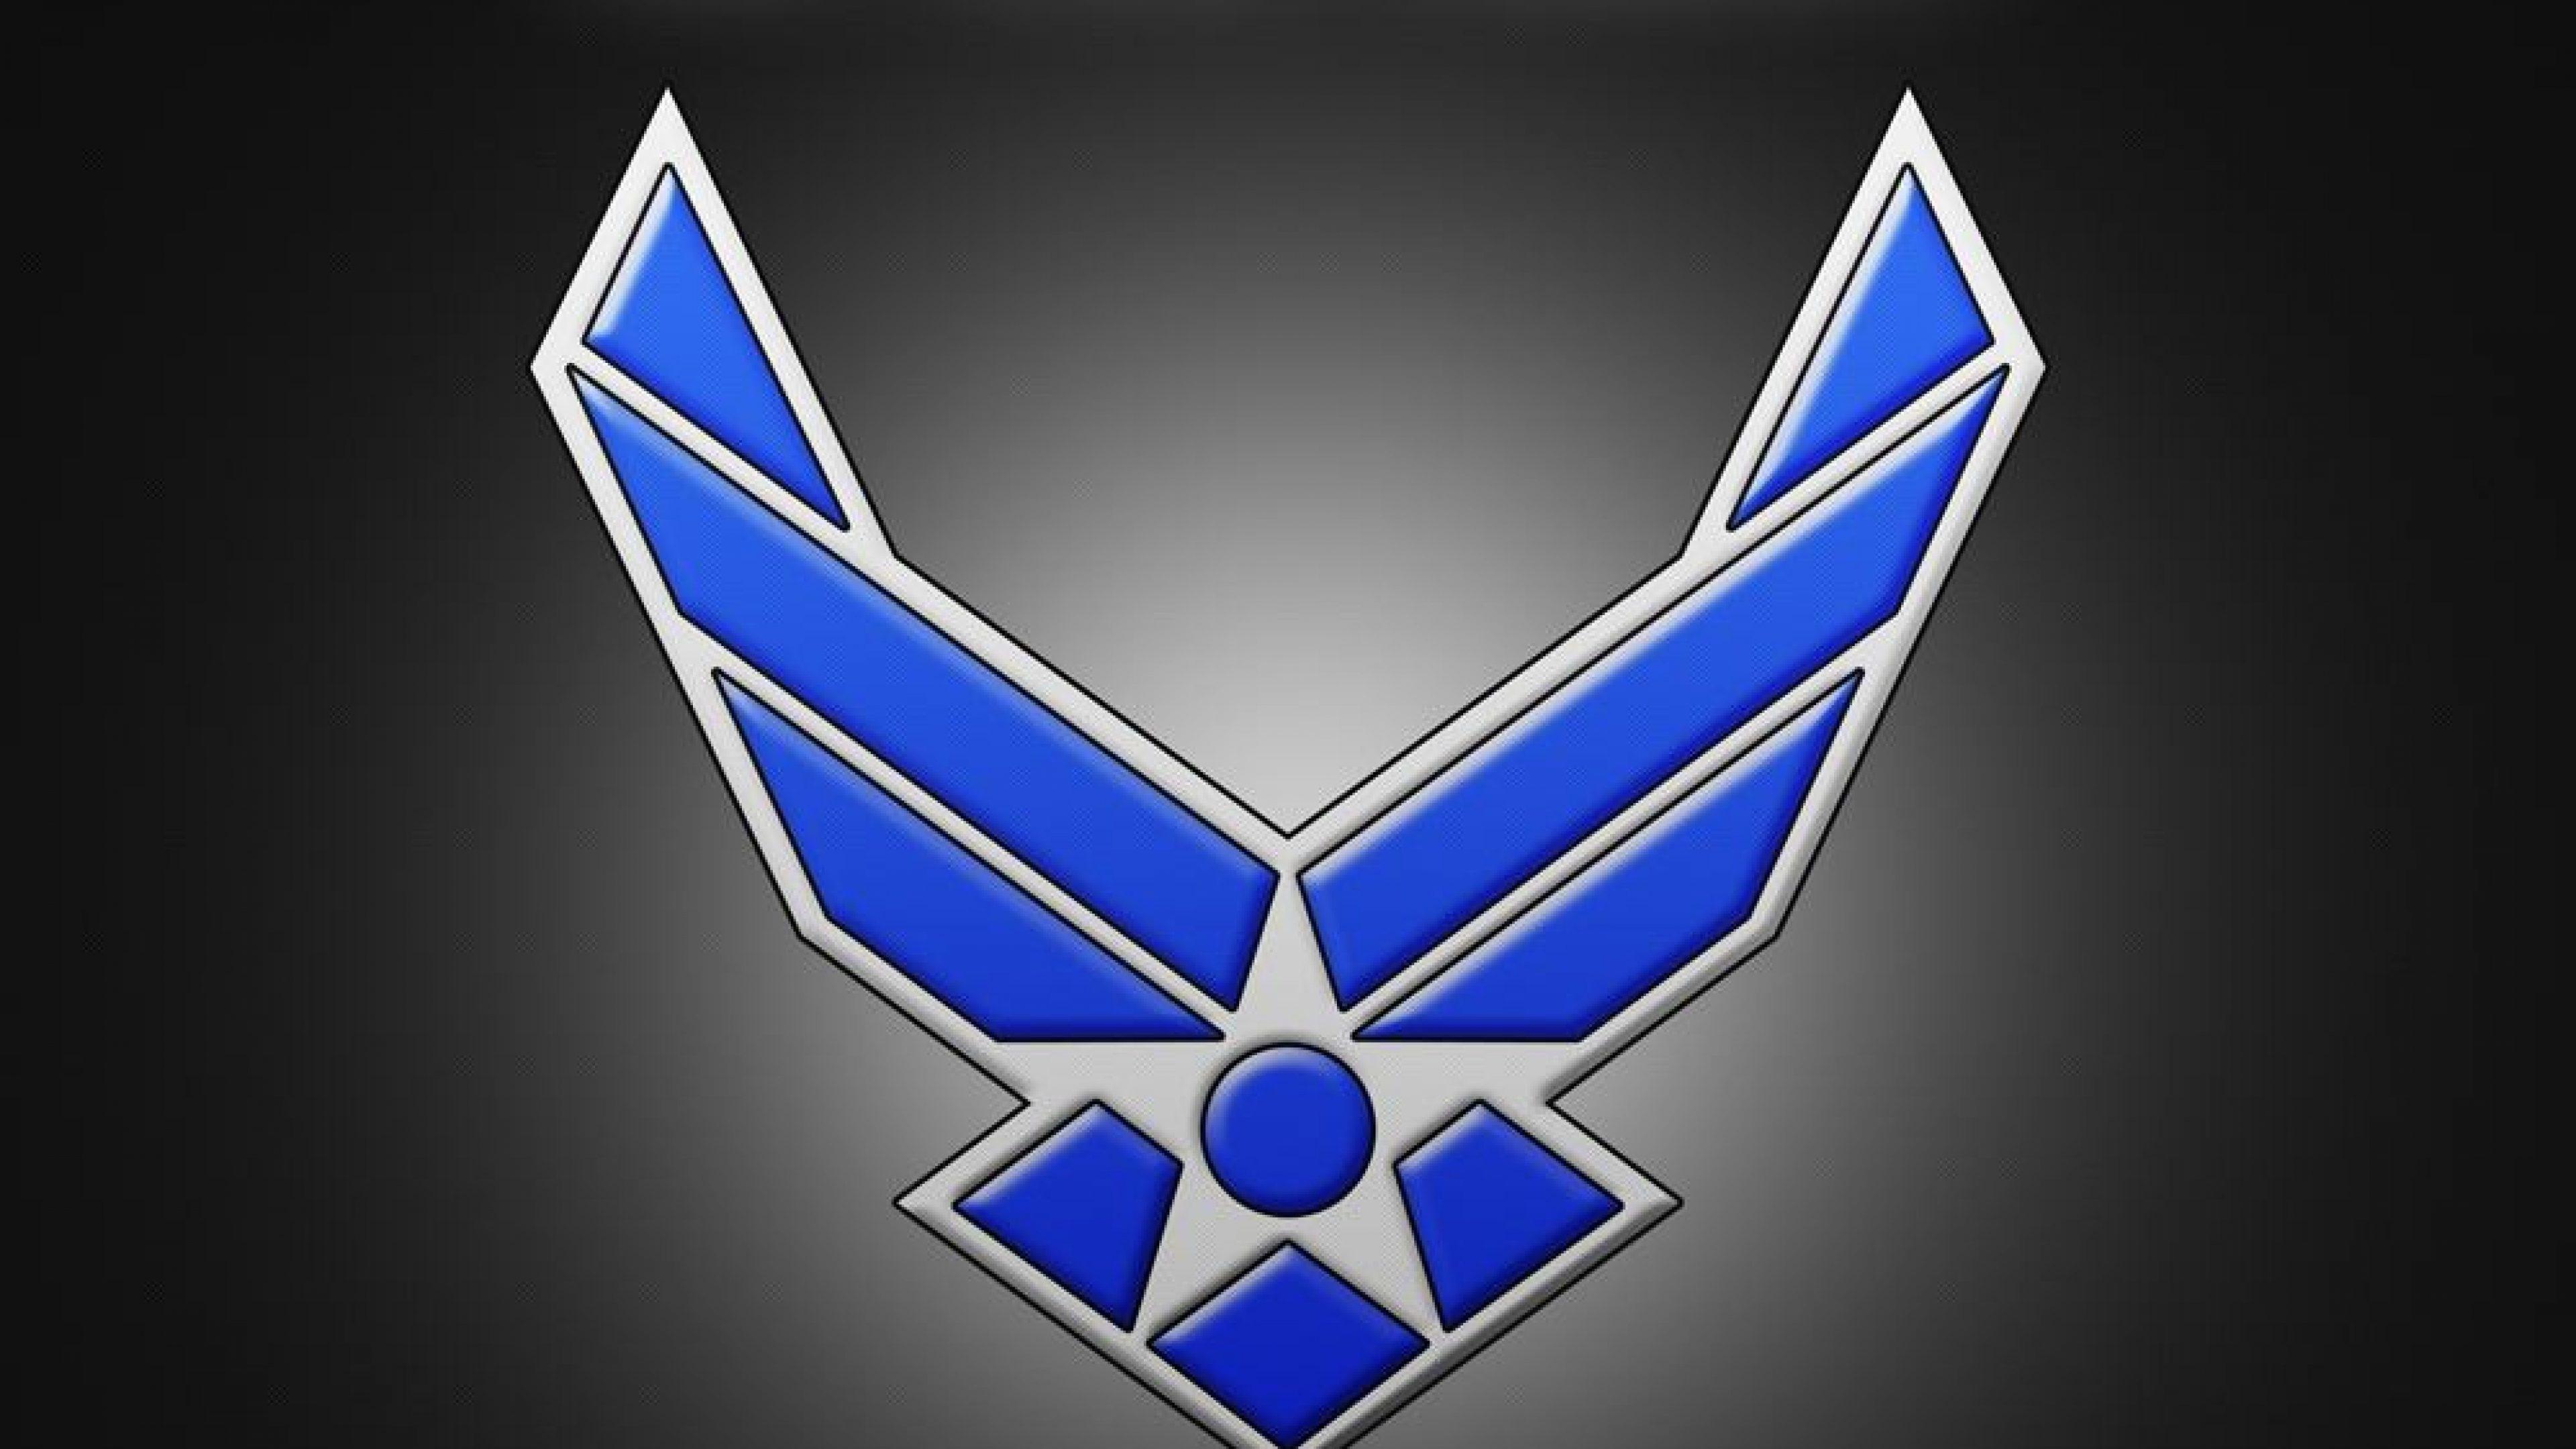 air force logo wallpaper wallpapersafari